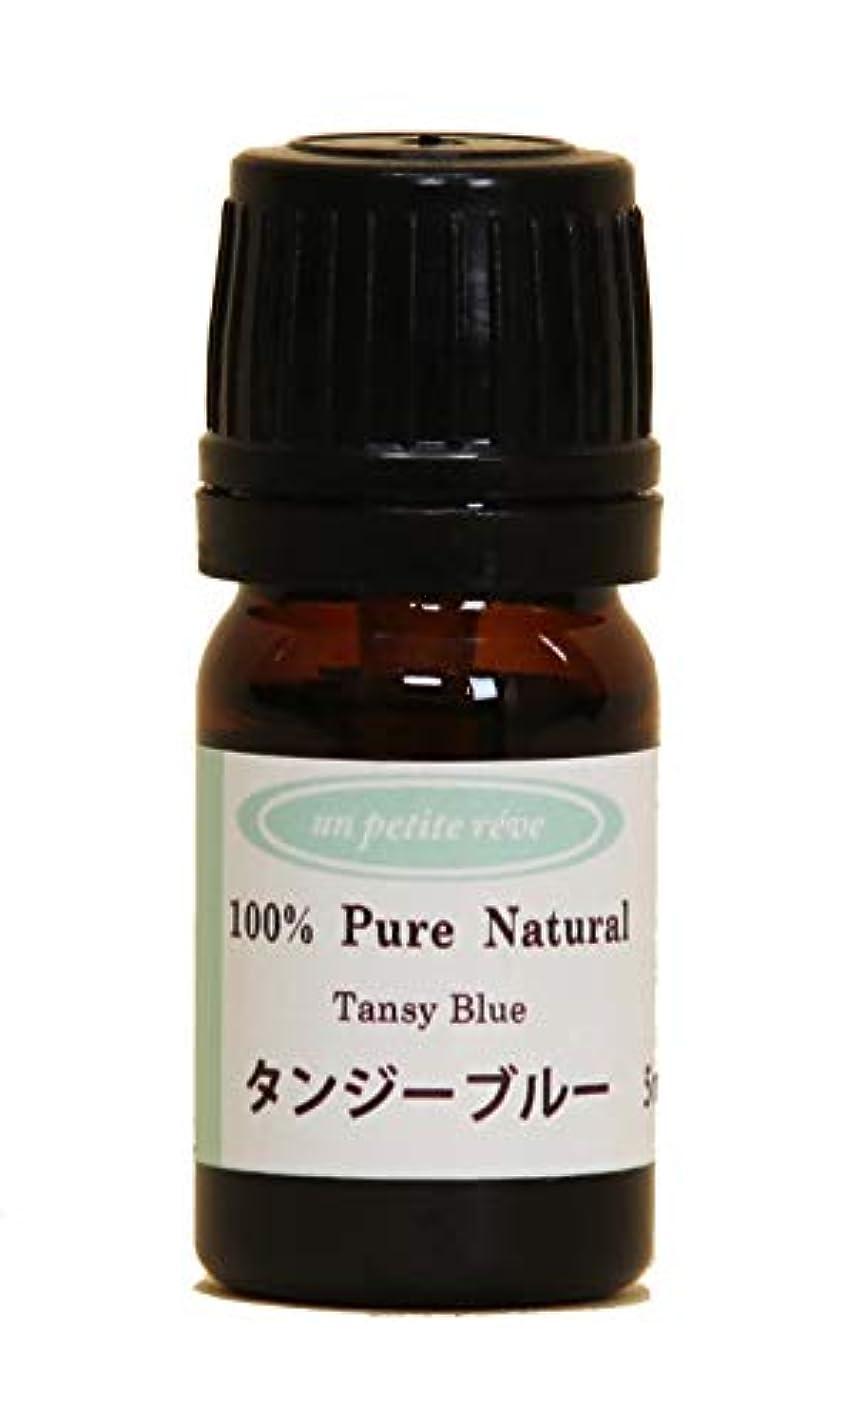 ファーザーファージュいろいろスムーズにタンジーブルー 5ml 100%天然アロマエッセンシャルオイル(精油)